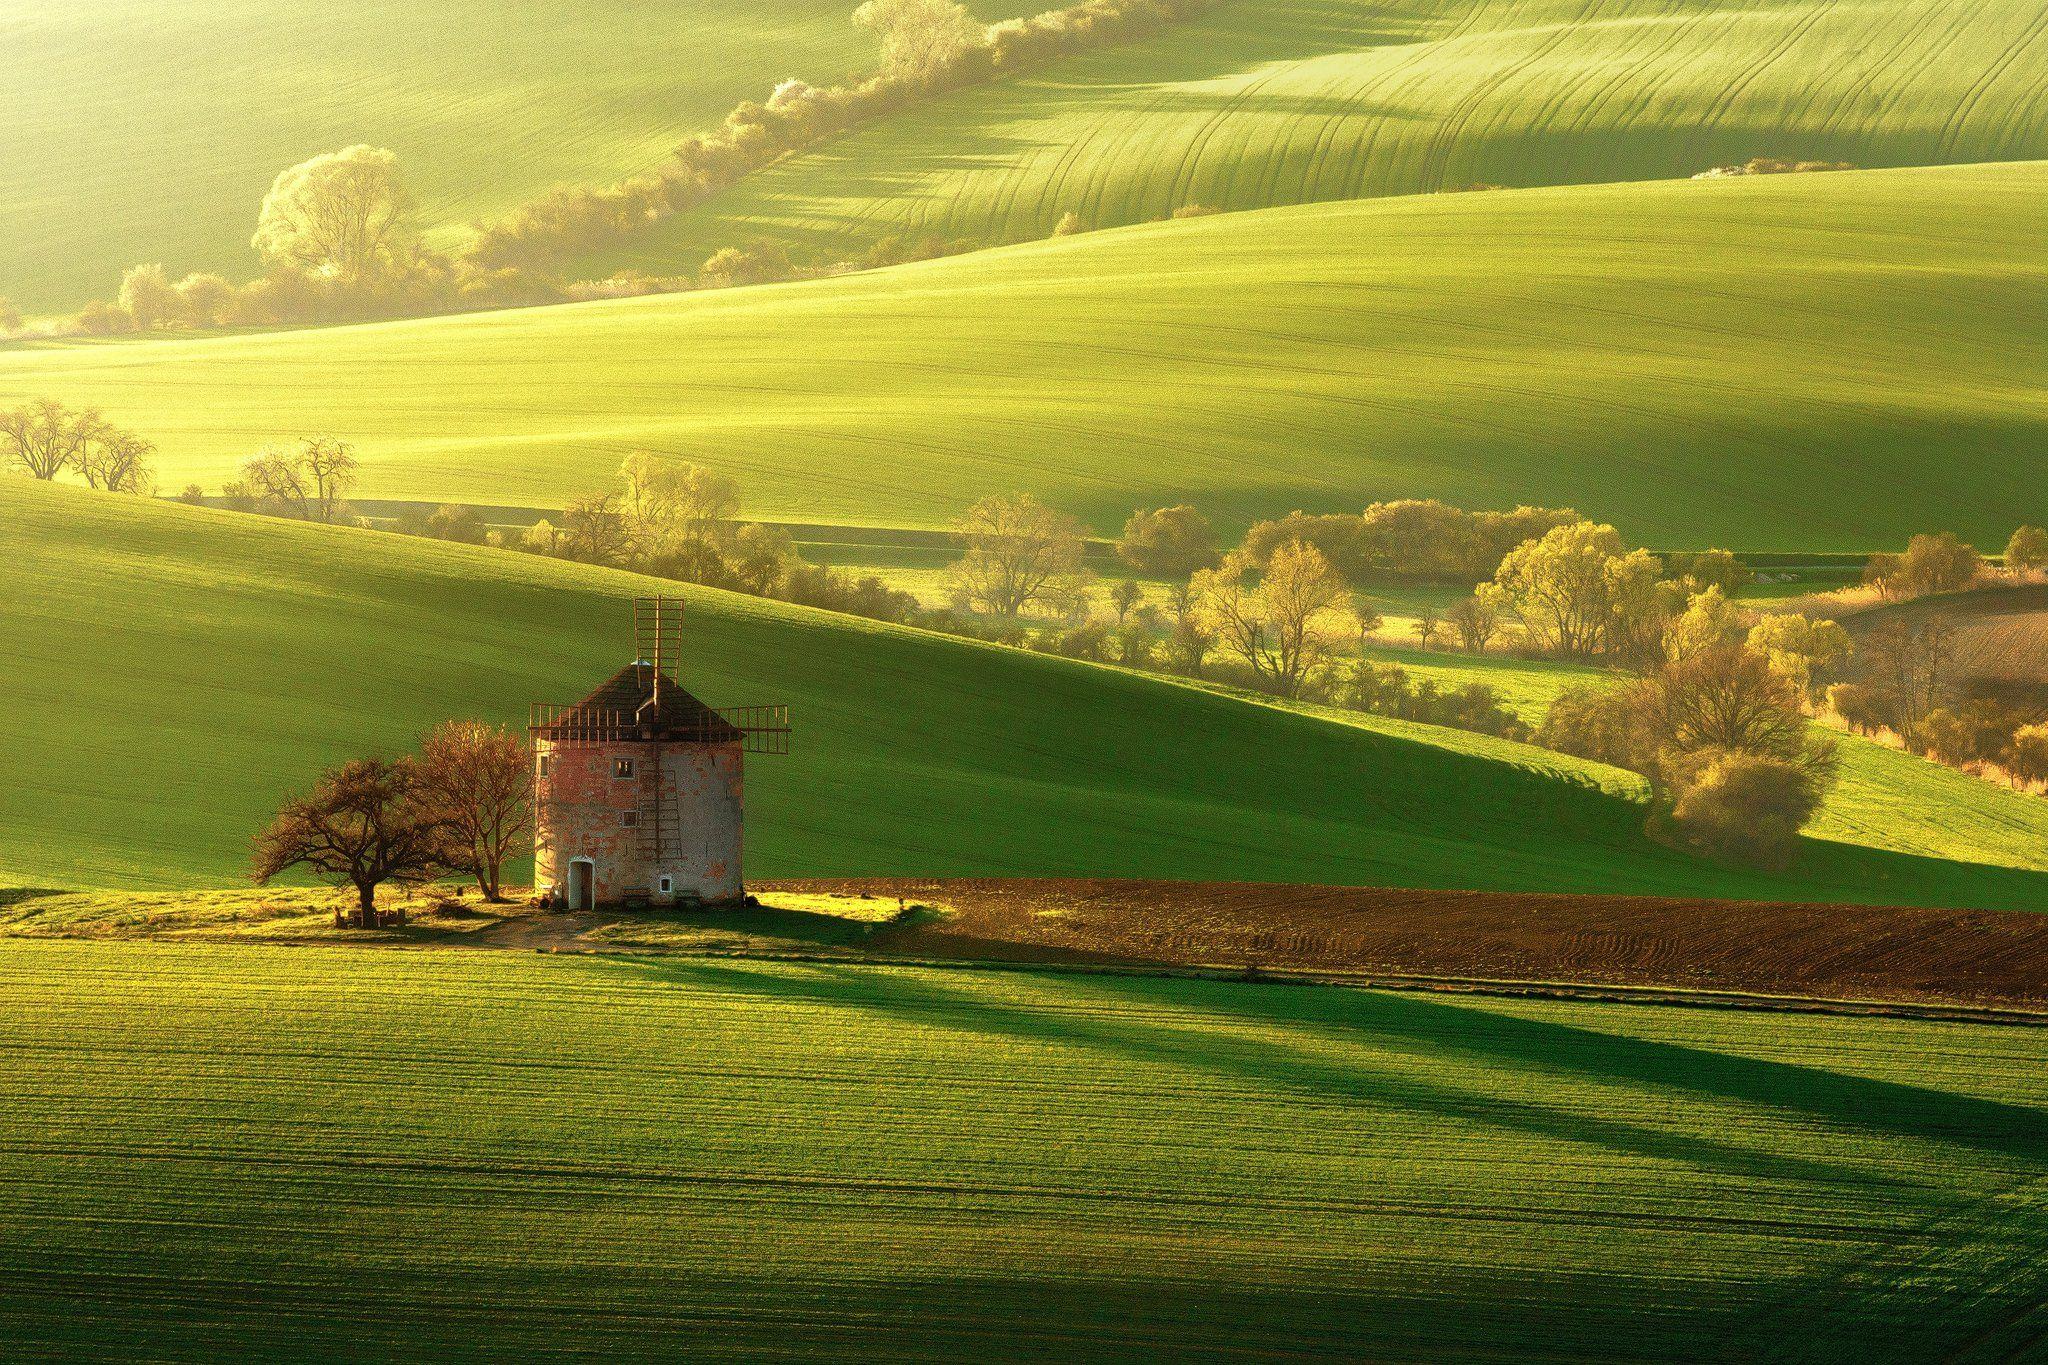 #moravian tuscany #czech #landscape, Cernicky Radoslav